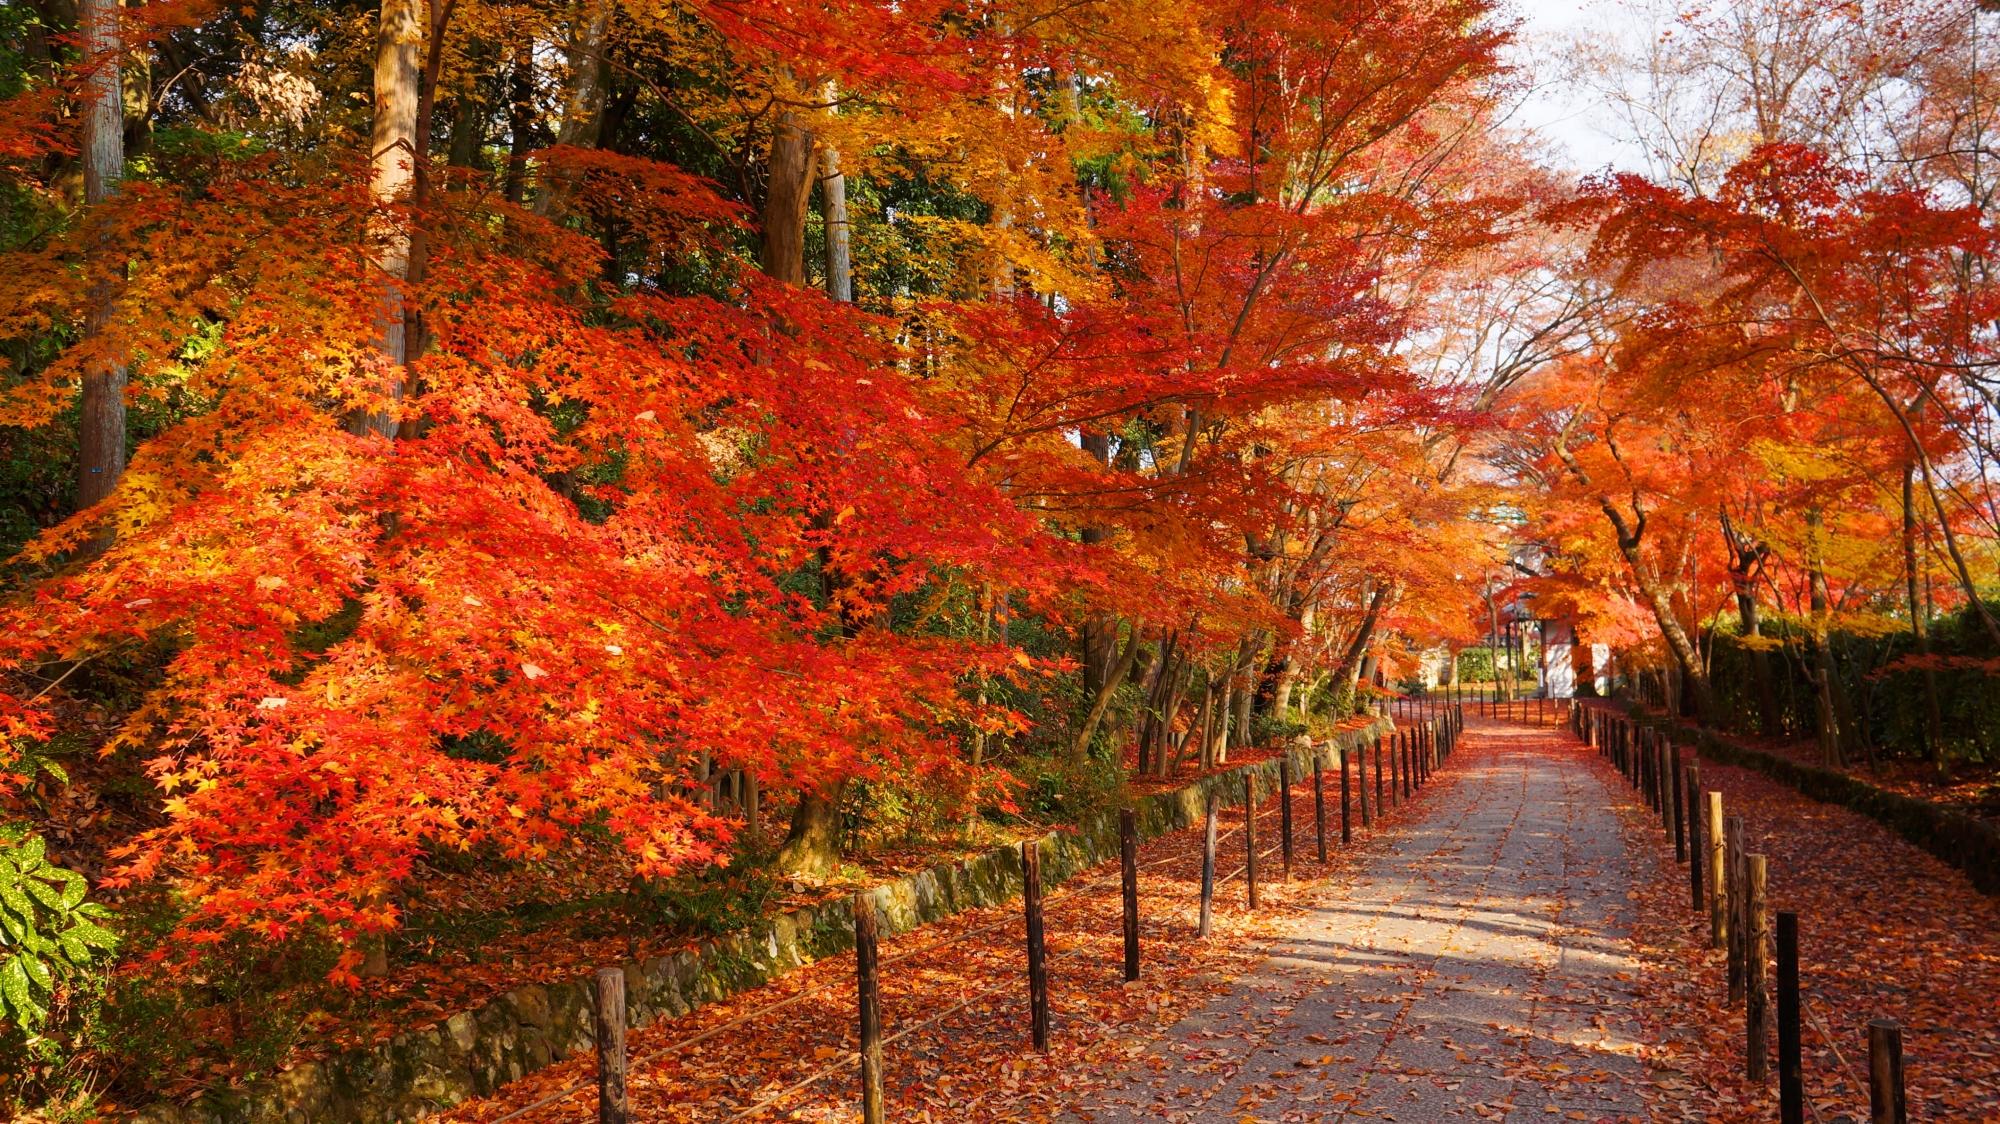 石畳の風情ある参道を彩る煌く紅葉